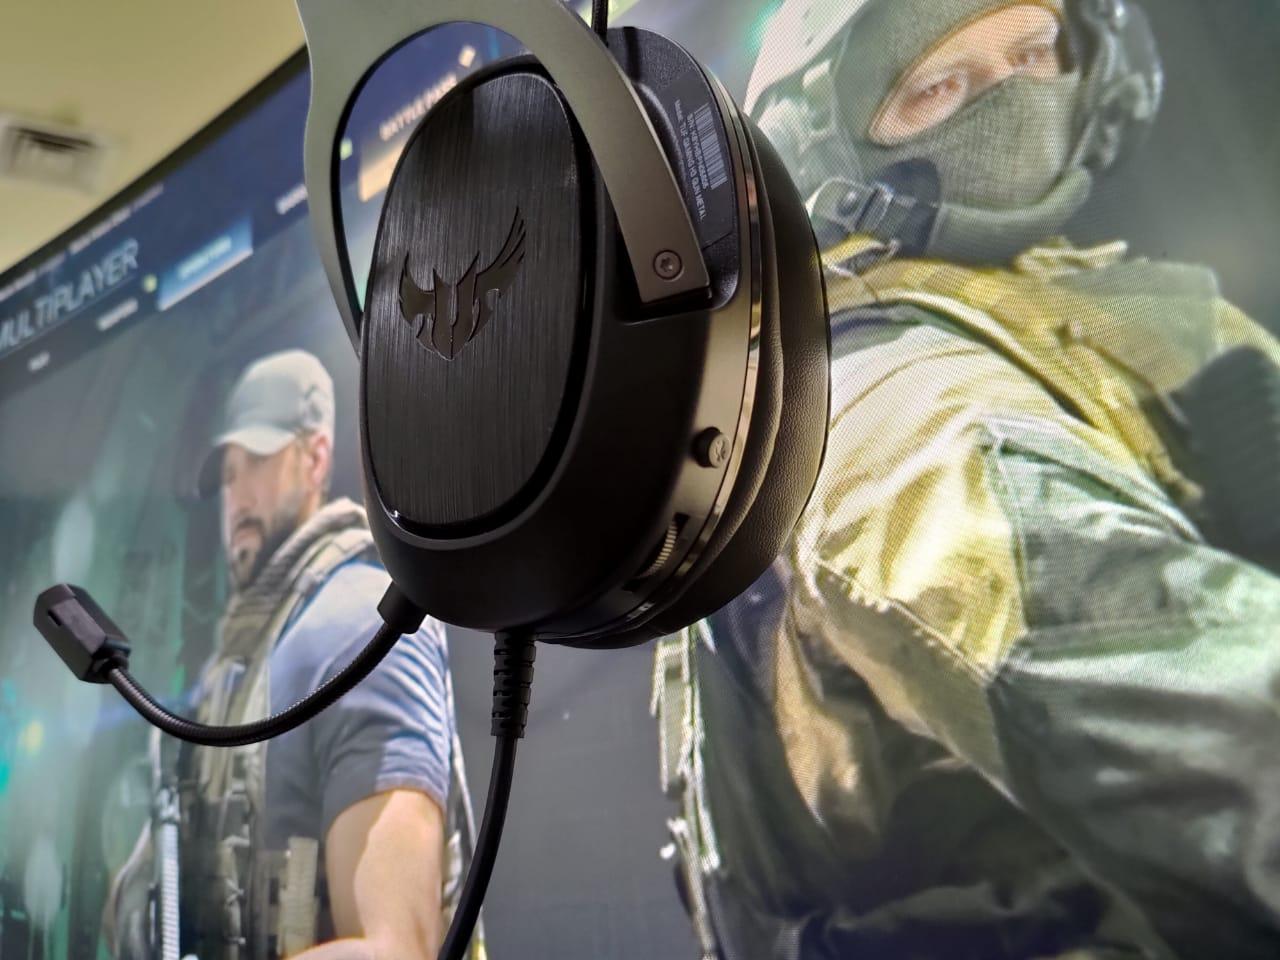 TUF Gaming H3, Berkualitas di Harga Terjangkau